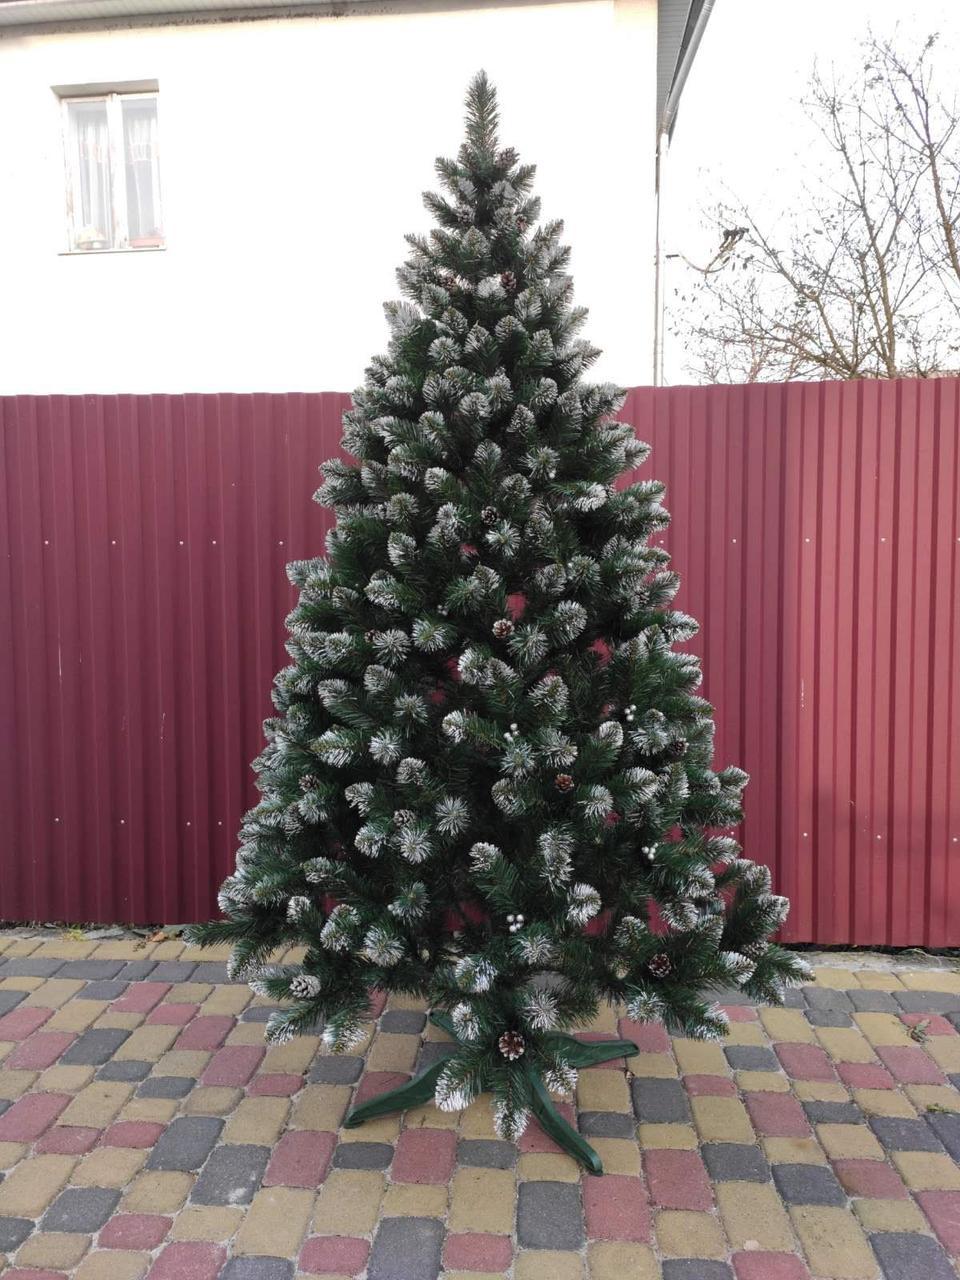 Новогодняя искусственная елка Кармен с серебристыми шишками и жемчугом высотой 2.20 м